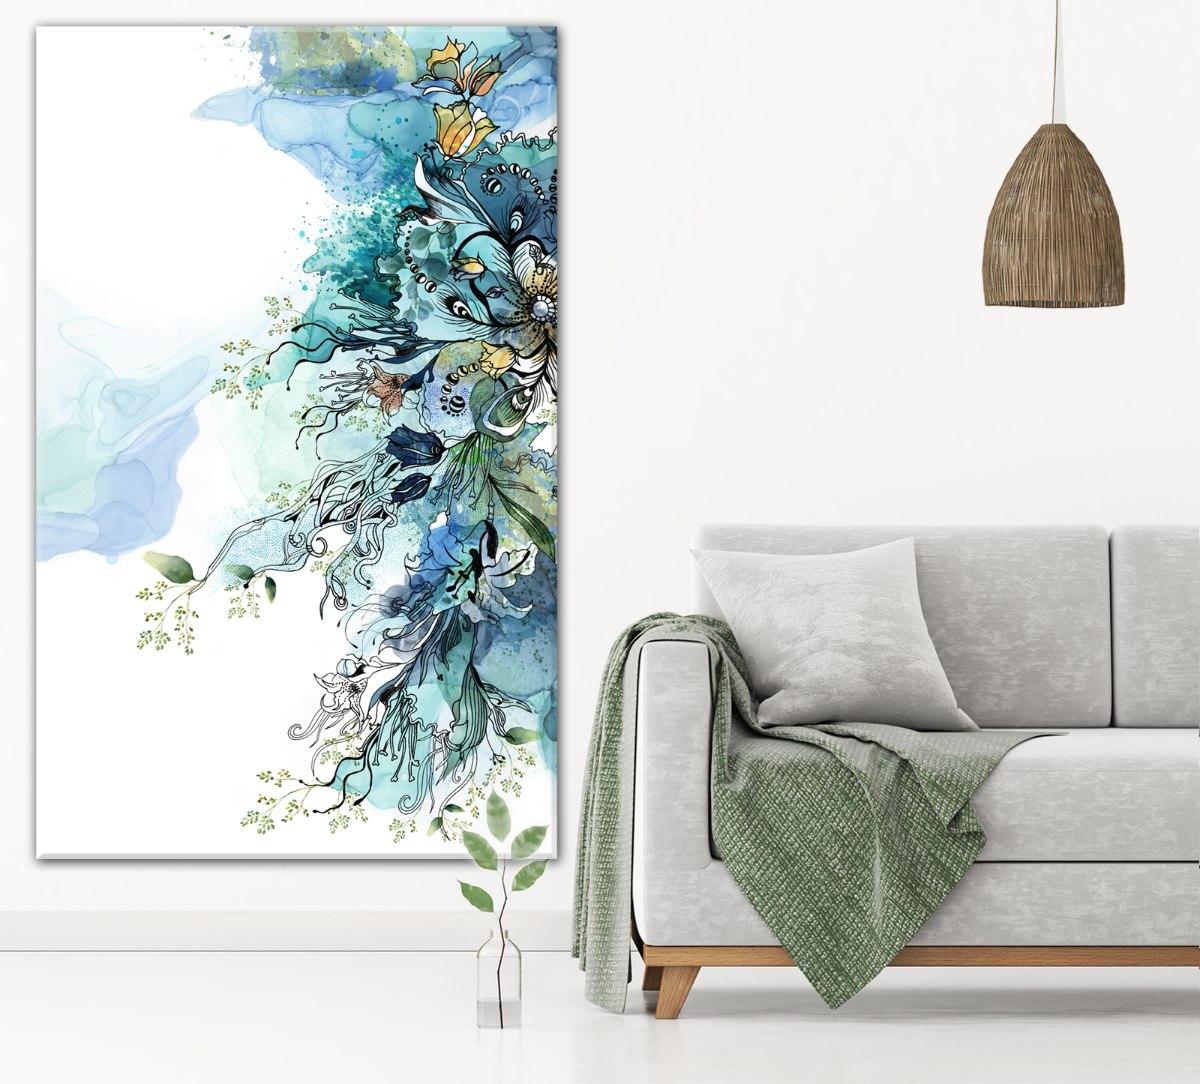 תמונה של עלים ירוקים מעל ספה אפורה